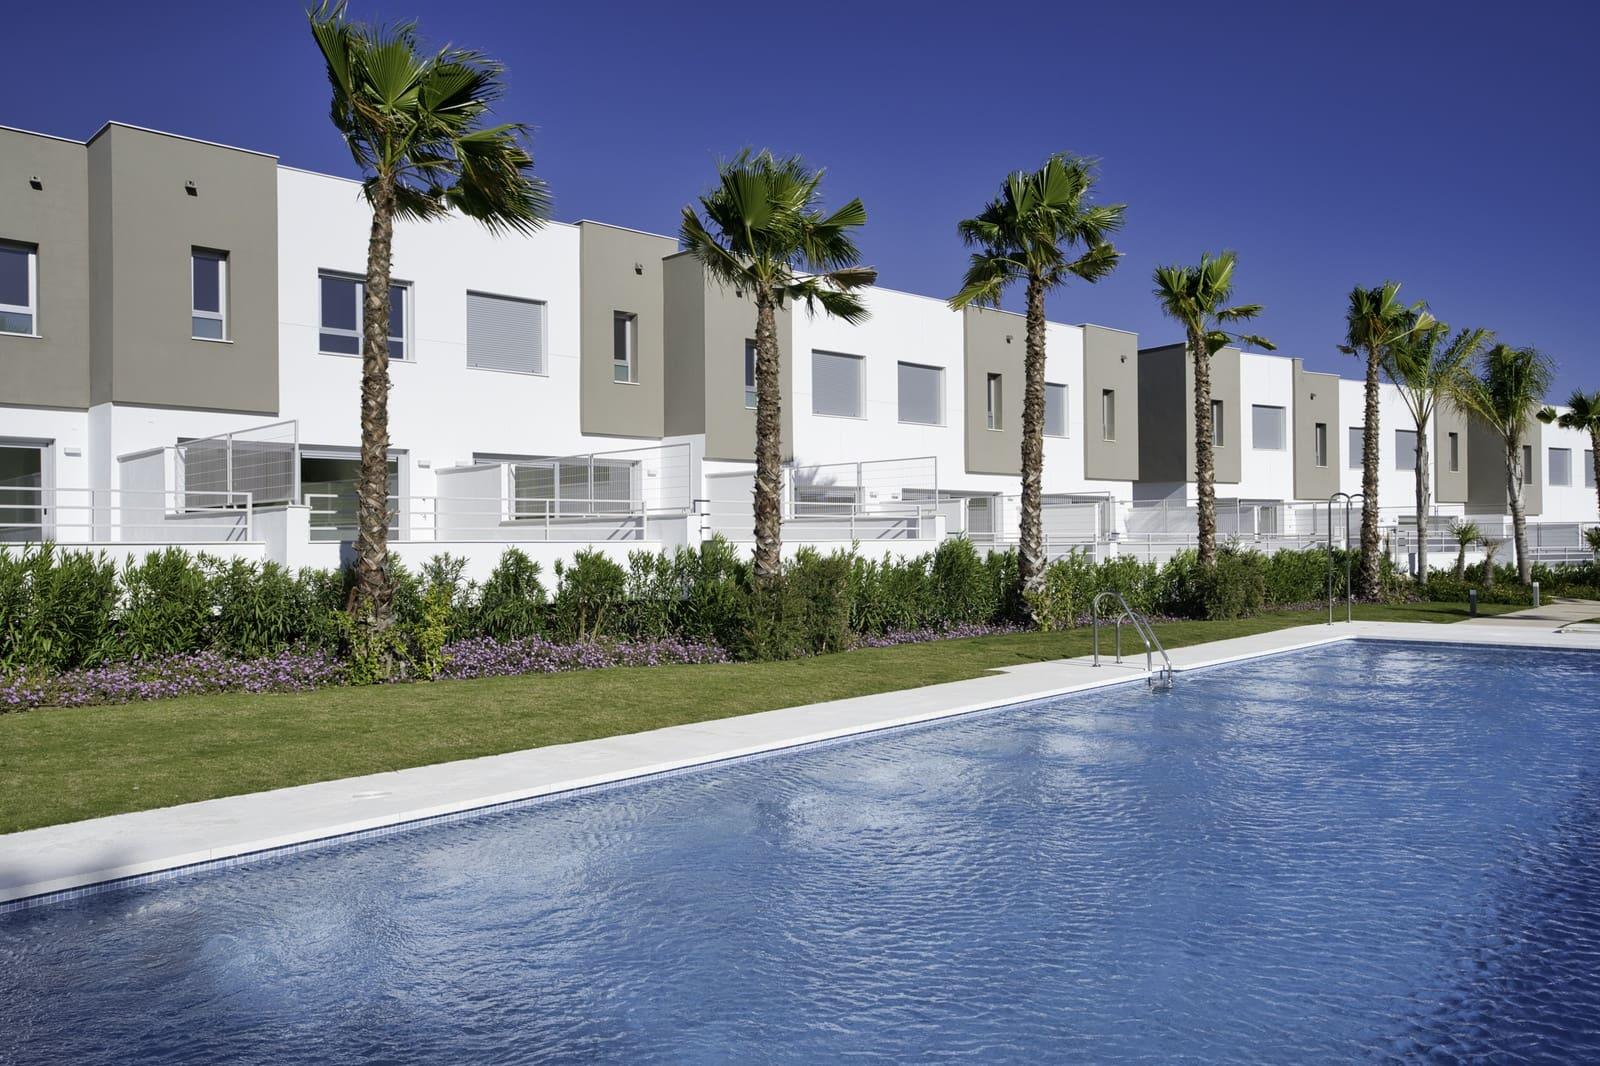 3 quarto Casa em Banda para venda em Estepona com piscina garagem - 299 000 € (Ref: 4686557)